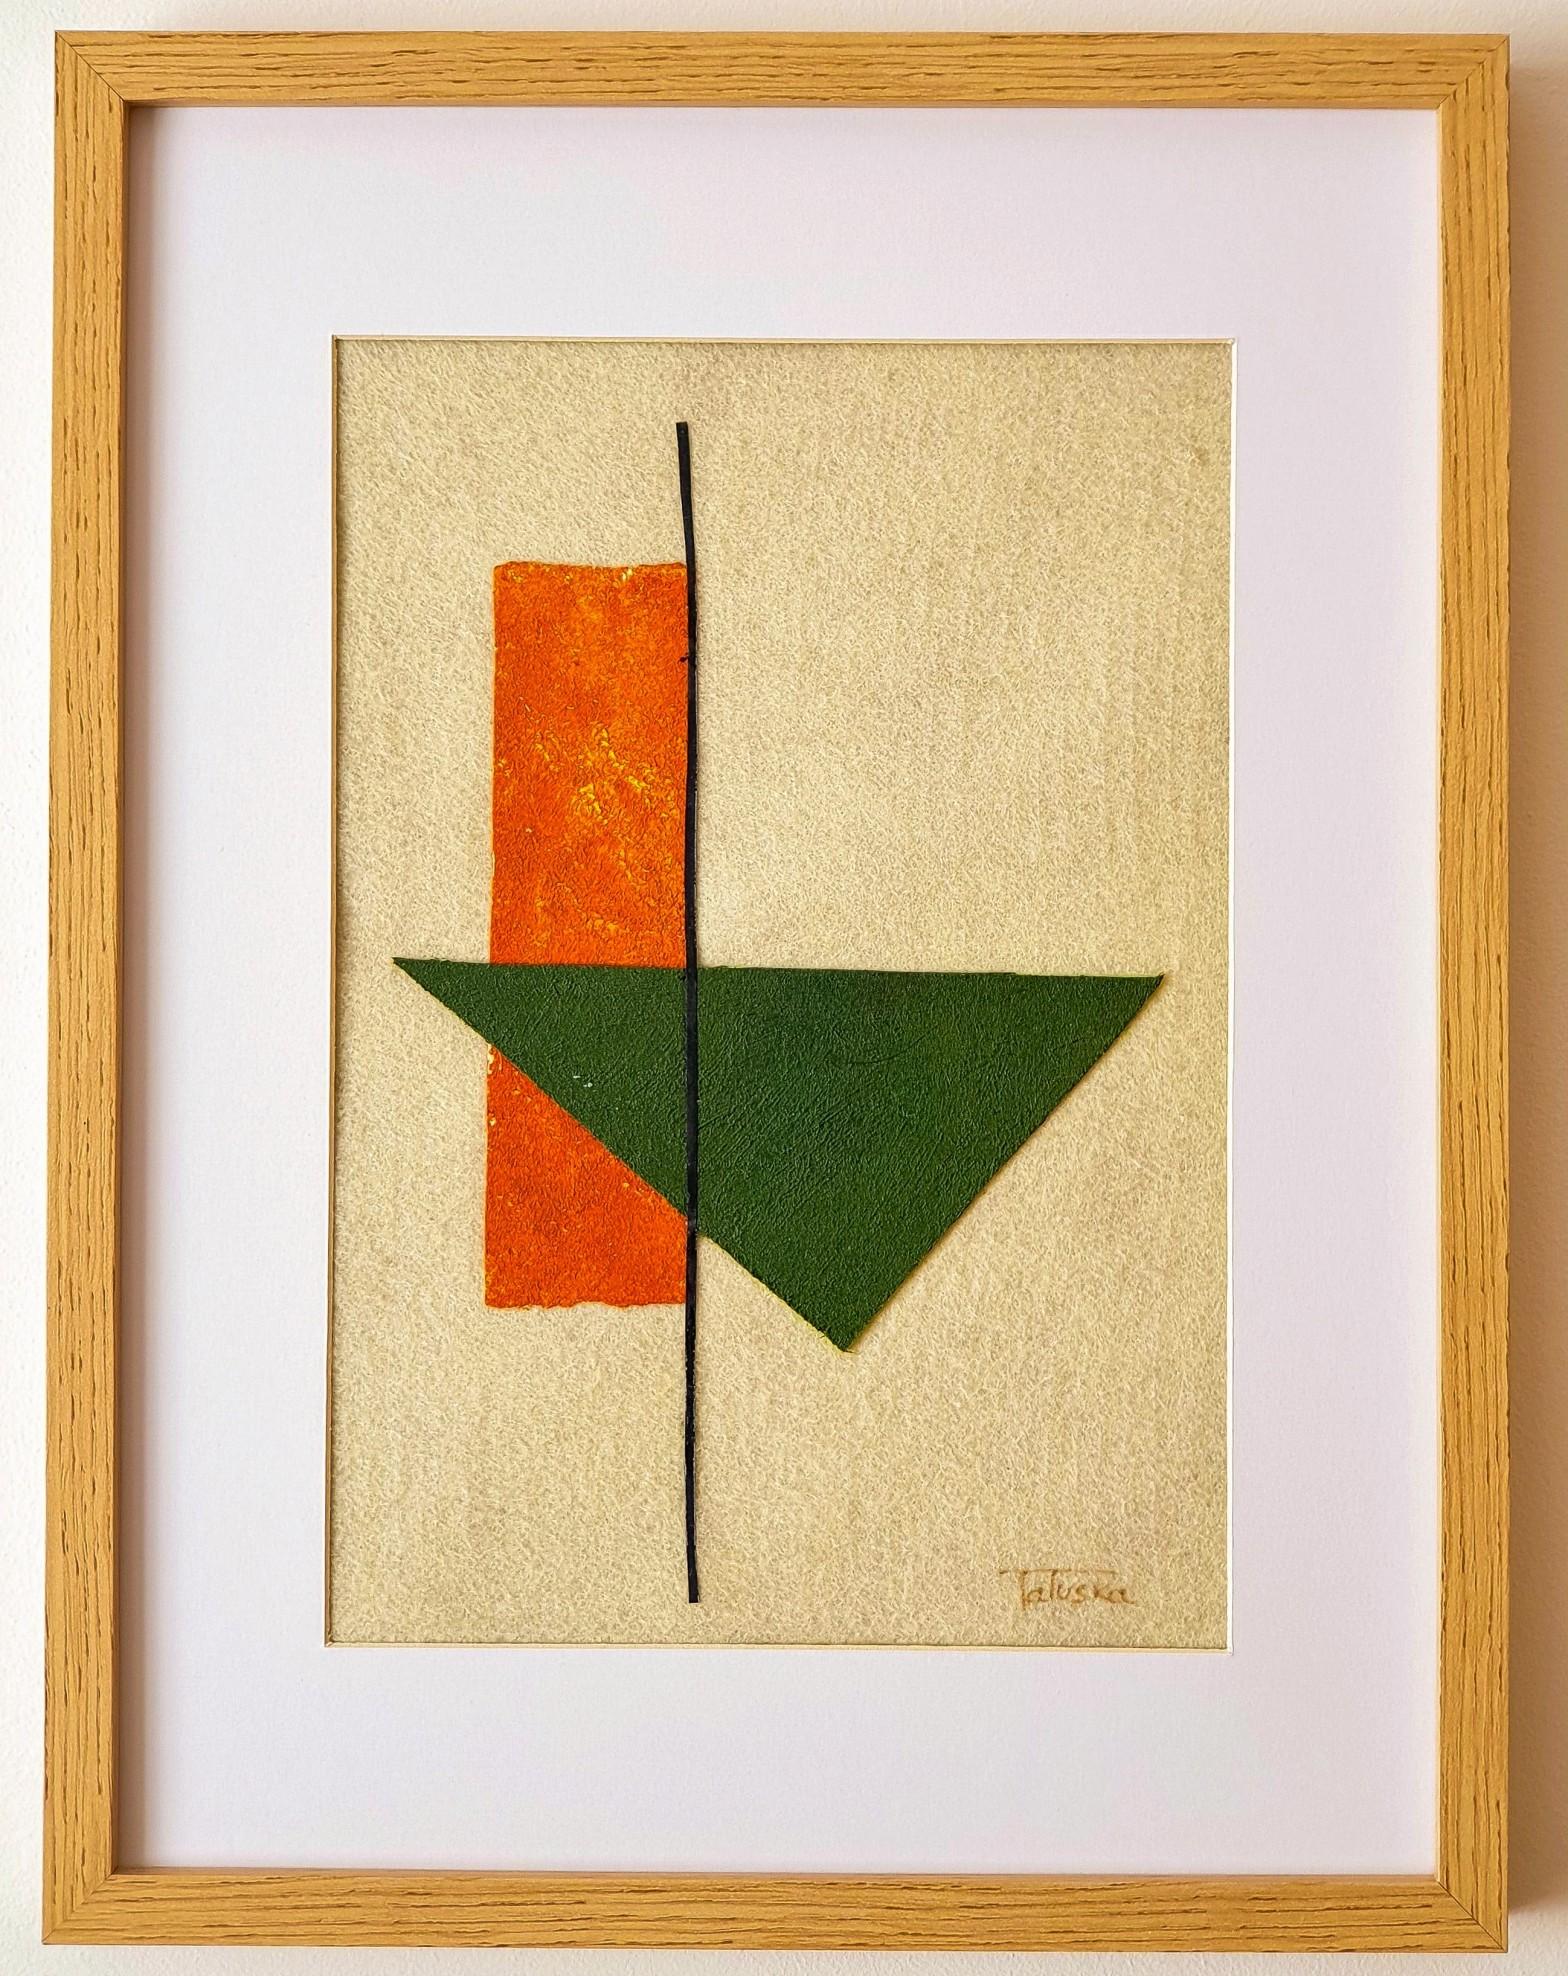 """Cuadro de arte abstracto titulado """"Volcano"""" de la artista de arte abstracto contemporáneo Tatuska"""